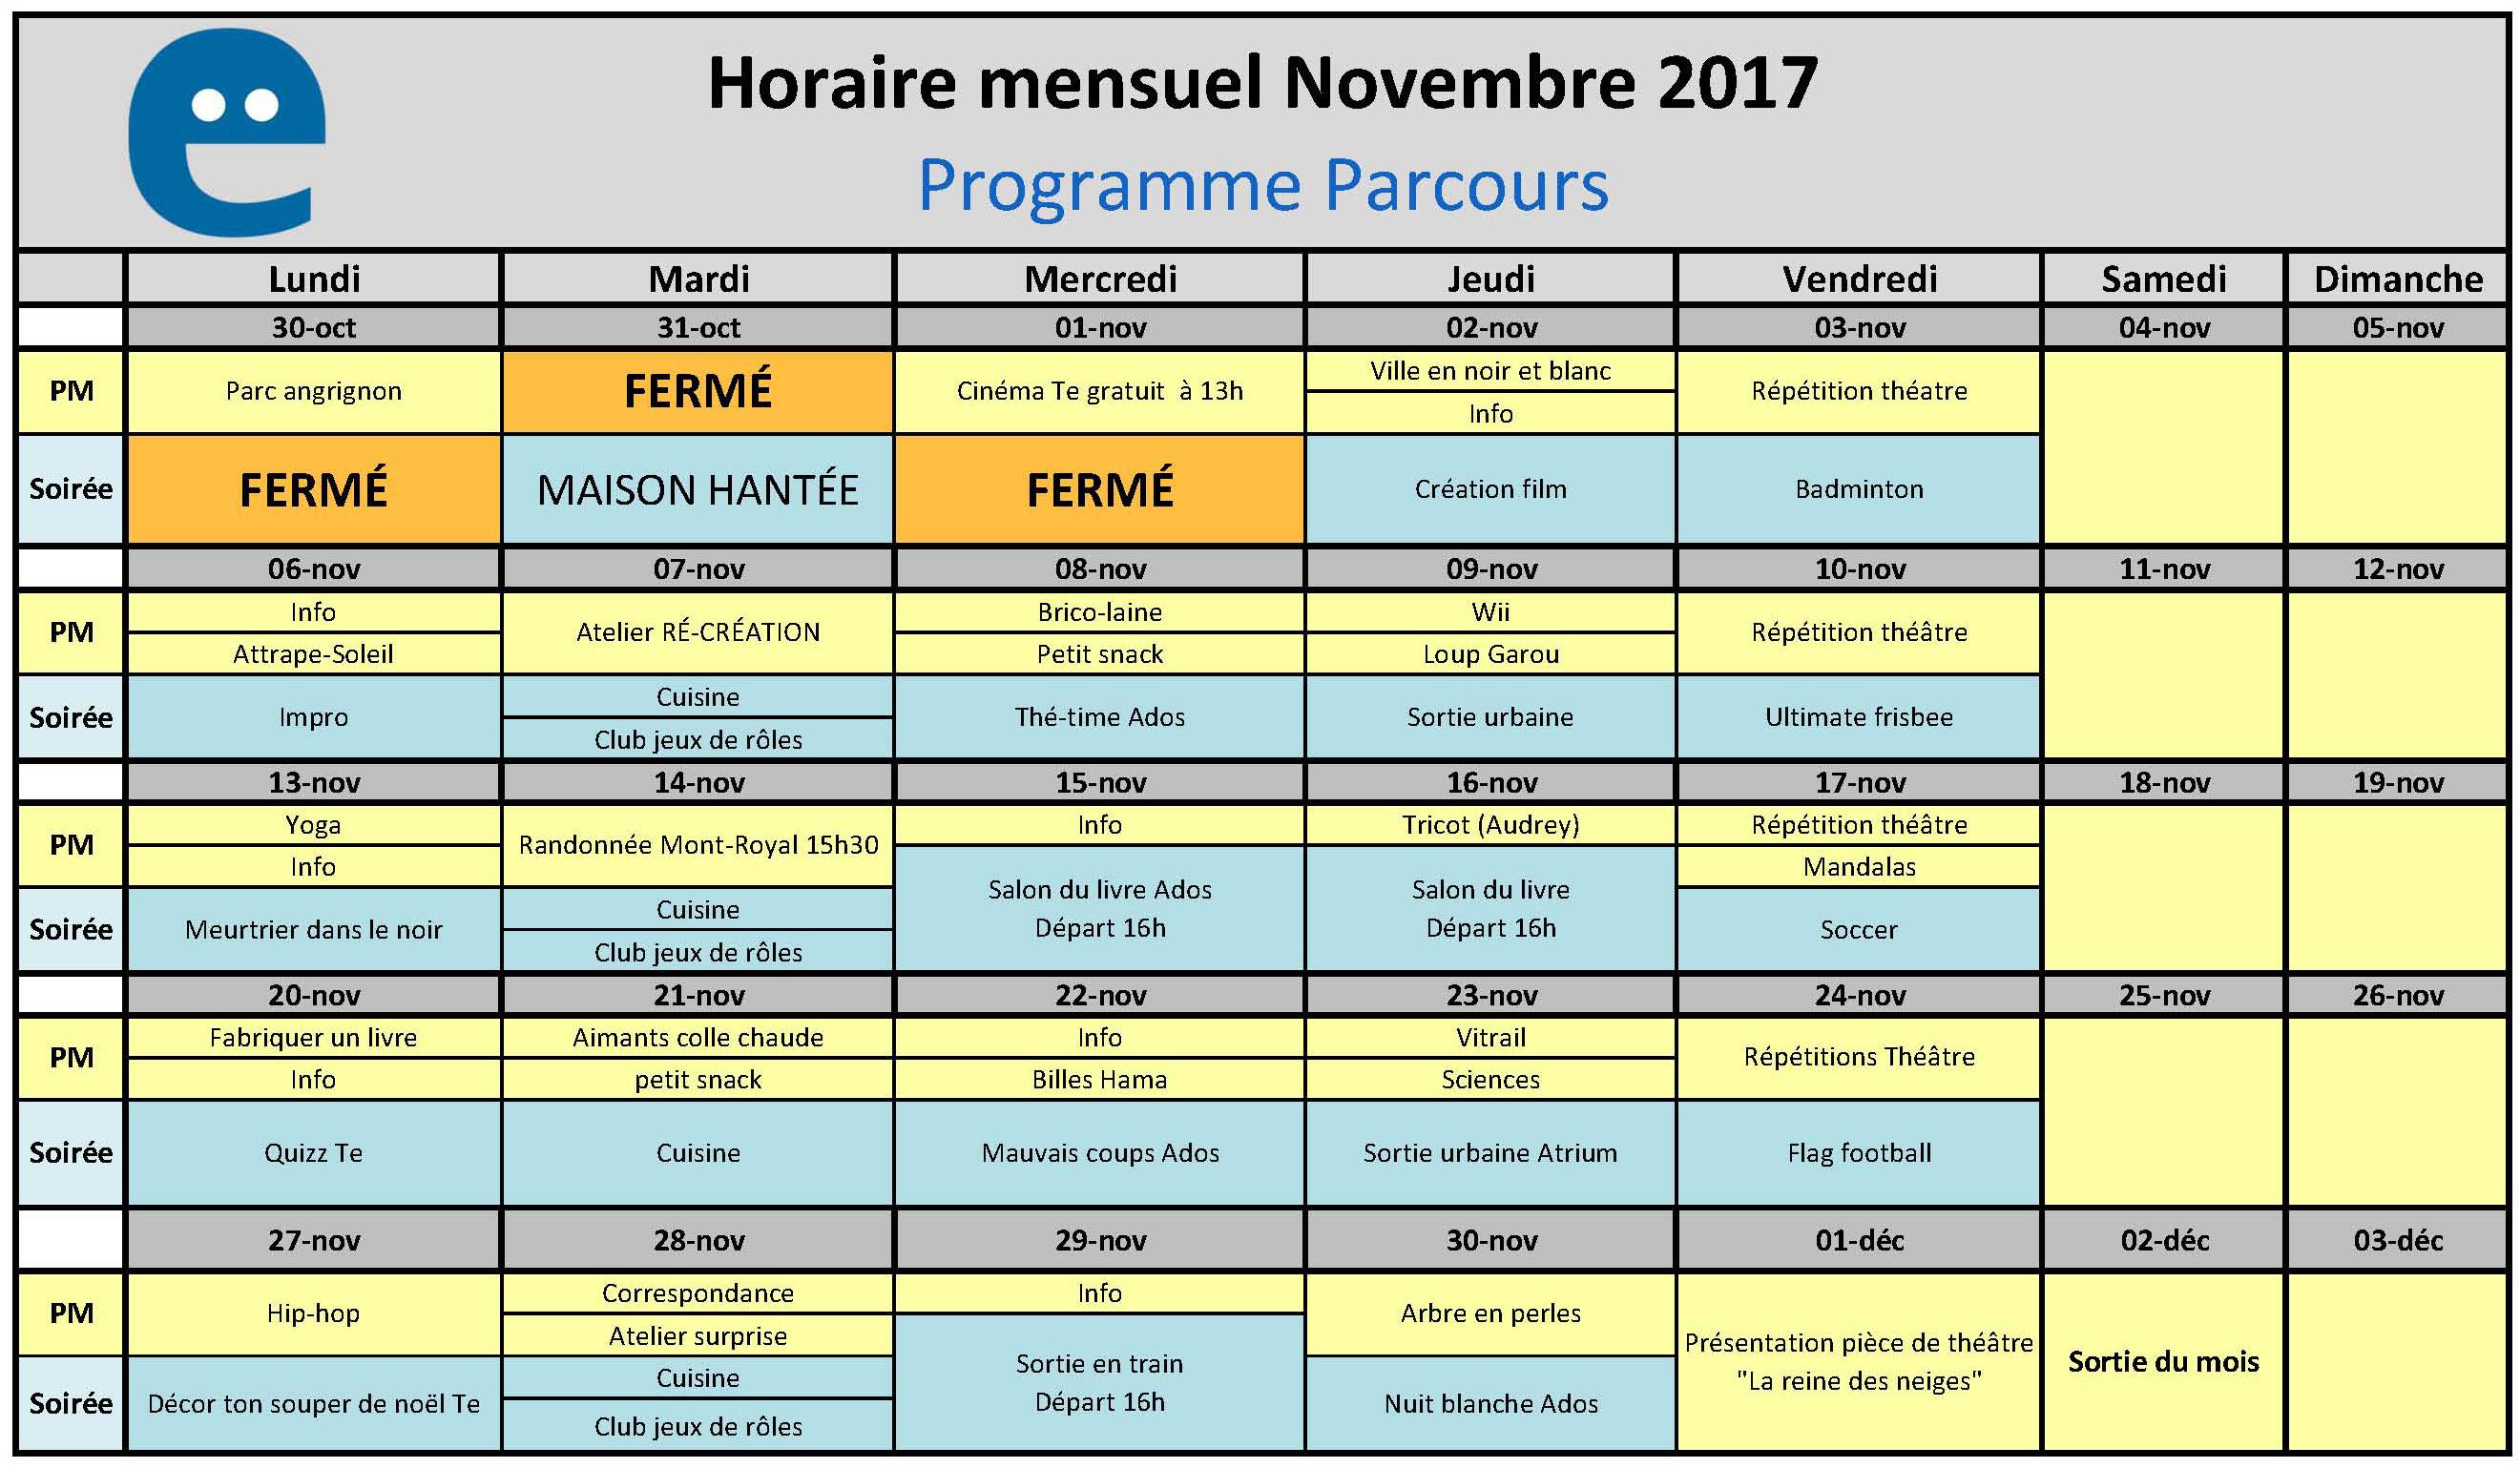 Horaire mensuel mai 2017 - Programme Parcours